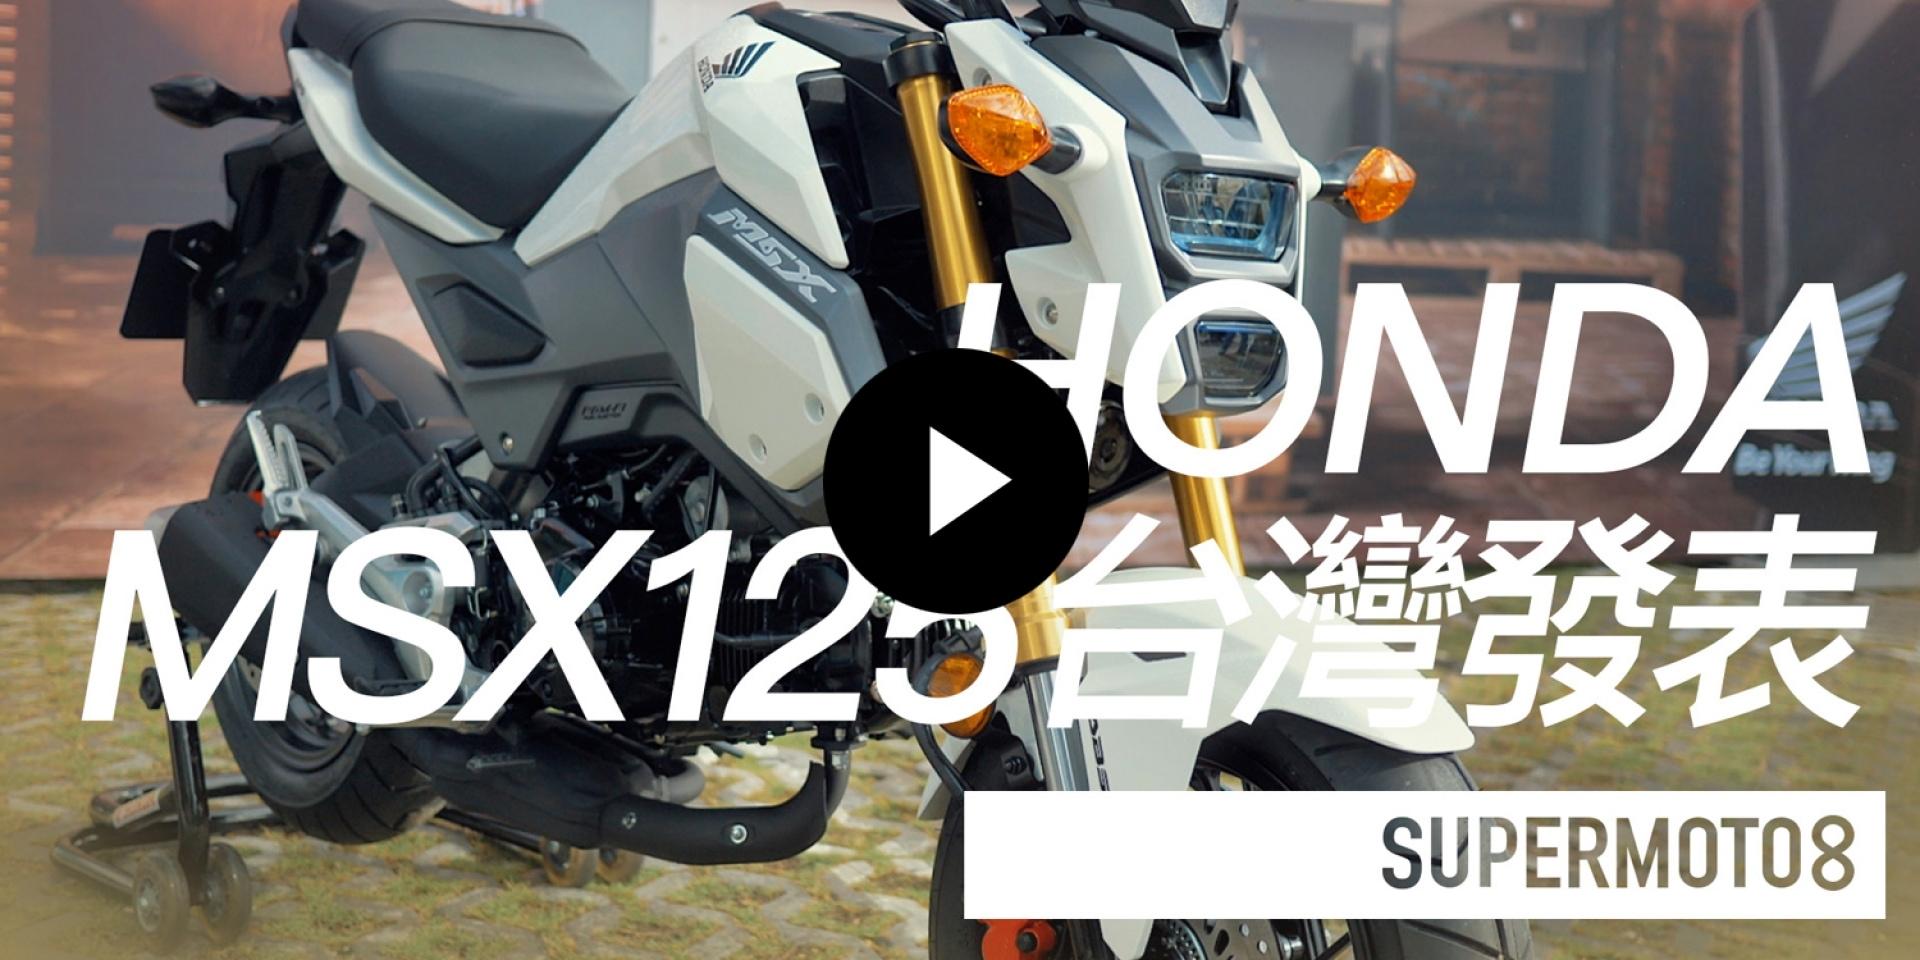 玩樂啟動。HONDA MSX125 台灣正式發表